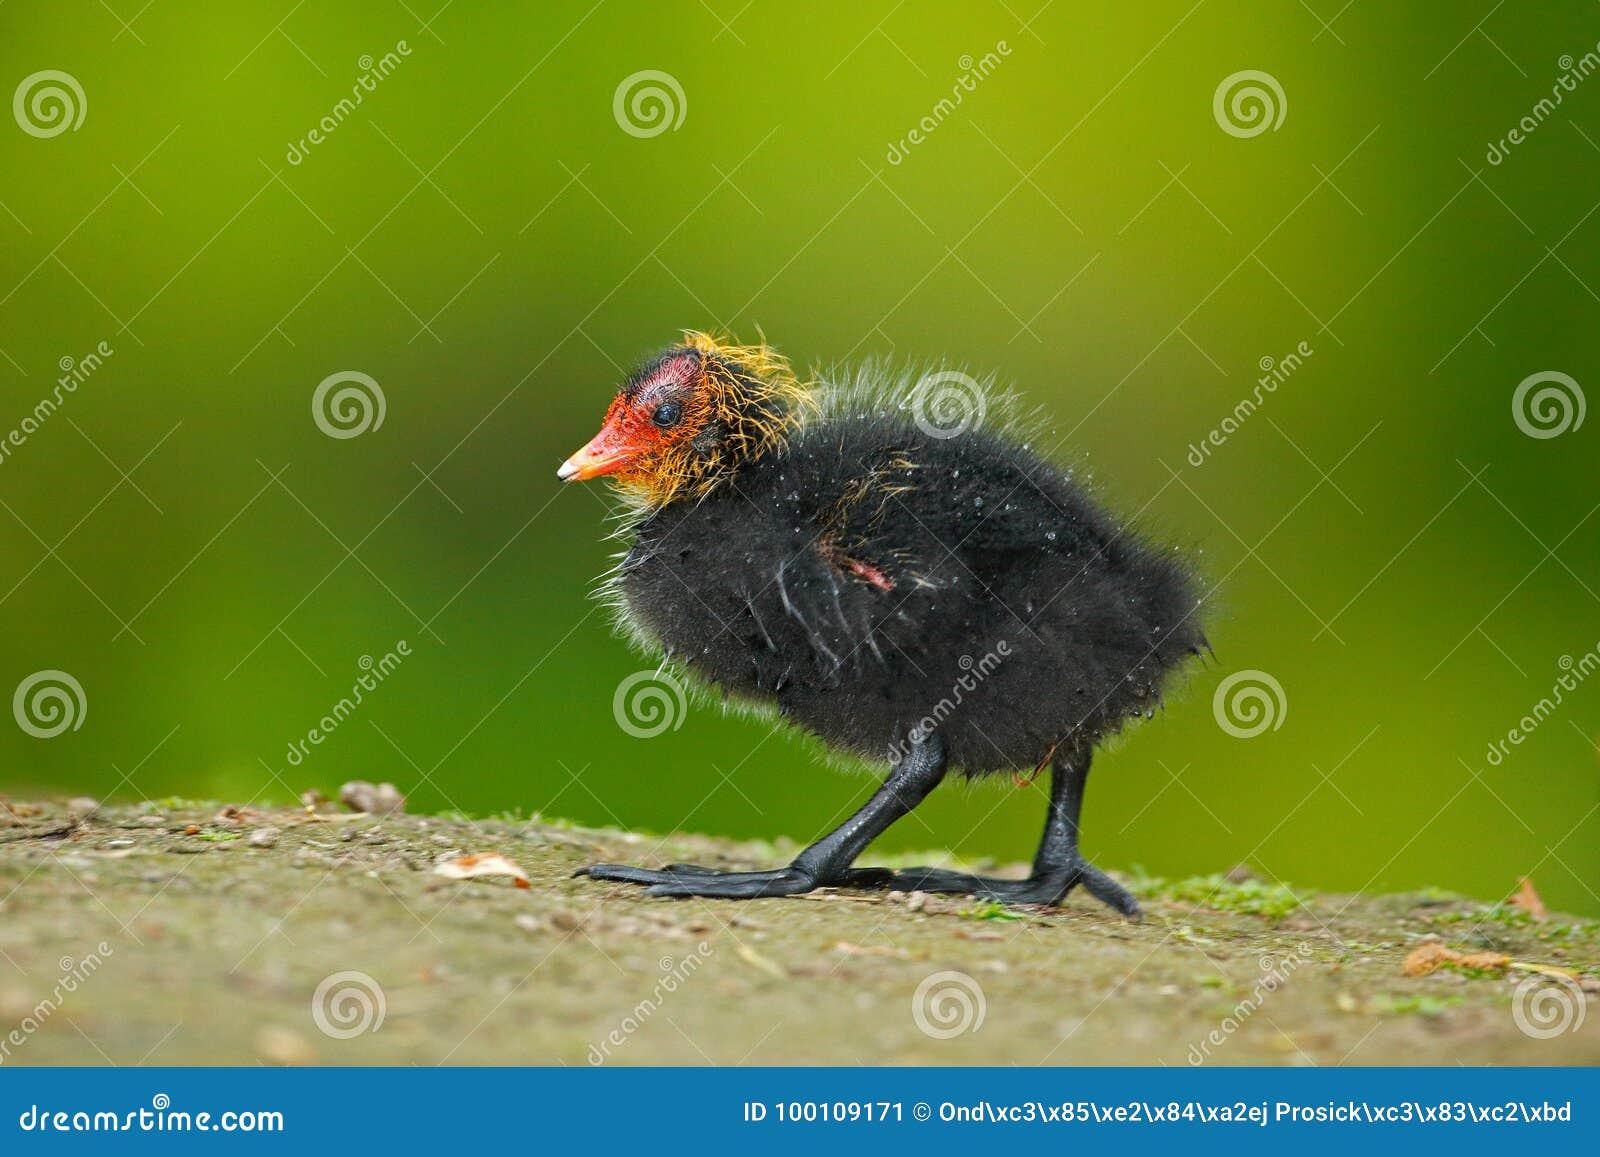 kleiner vogel junge der ente brown wasservogel mit gelbe. Black Bedroom Furniture Sets. Home Design Ideas